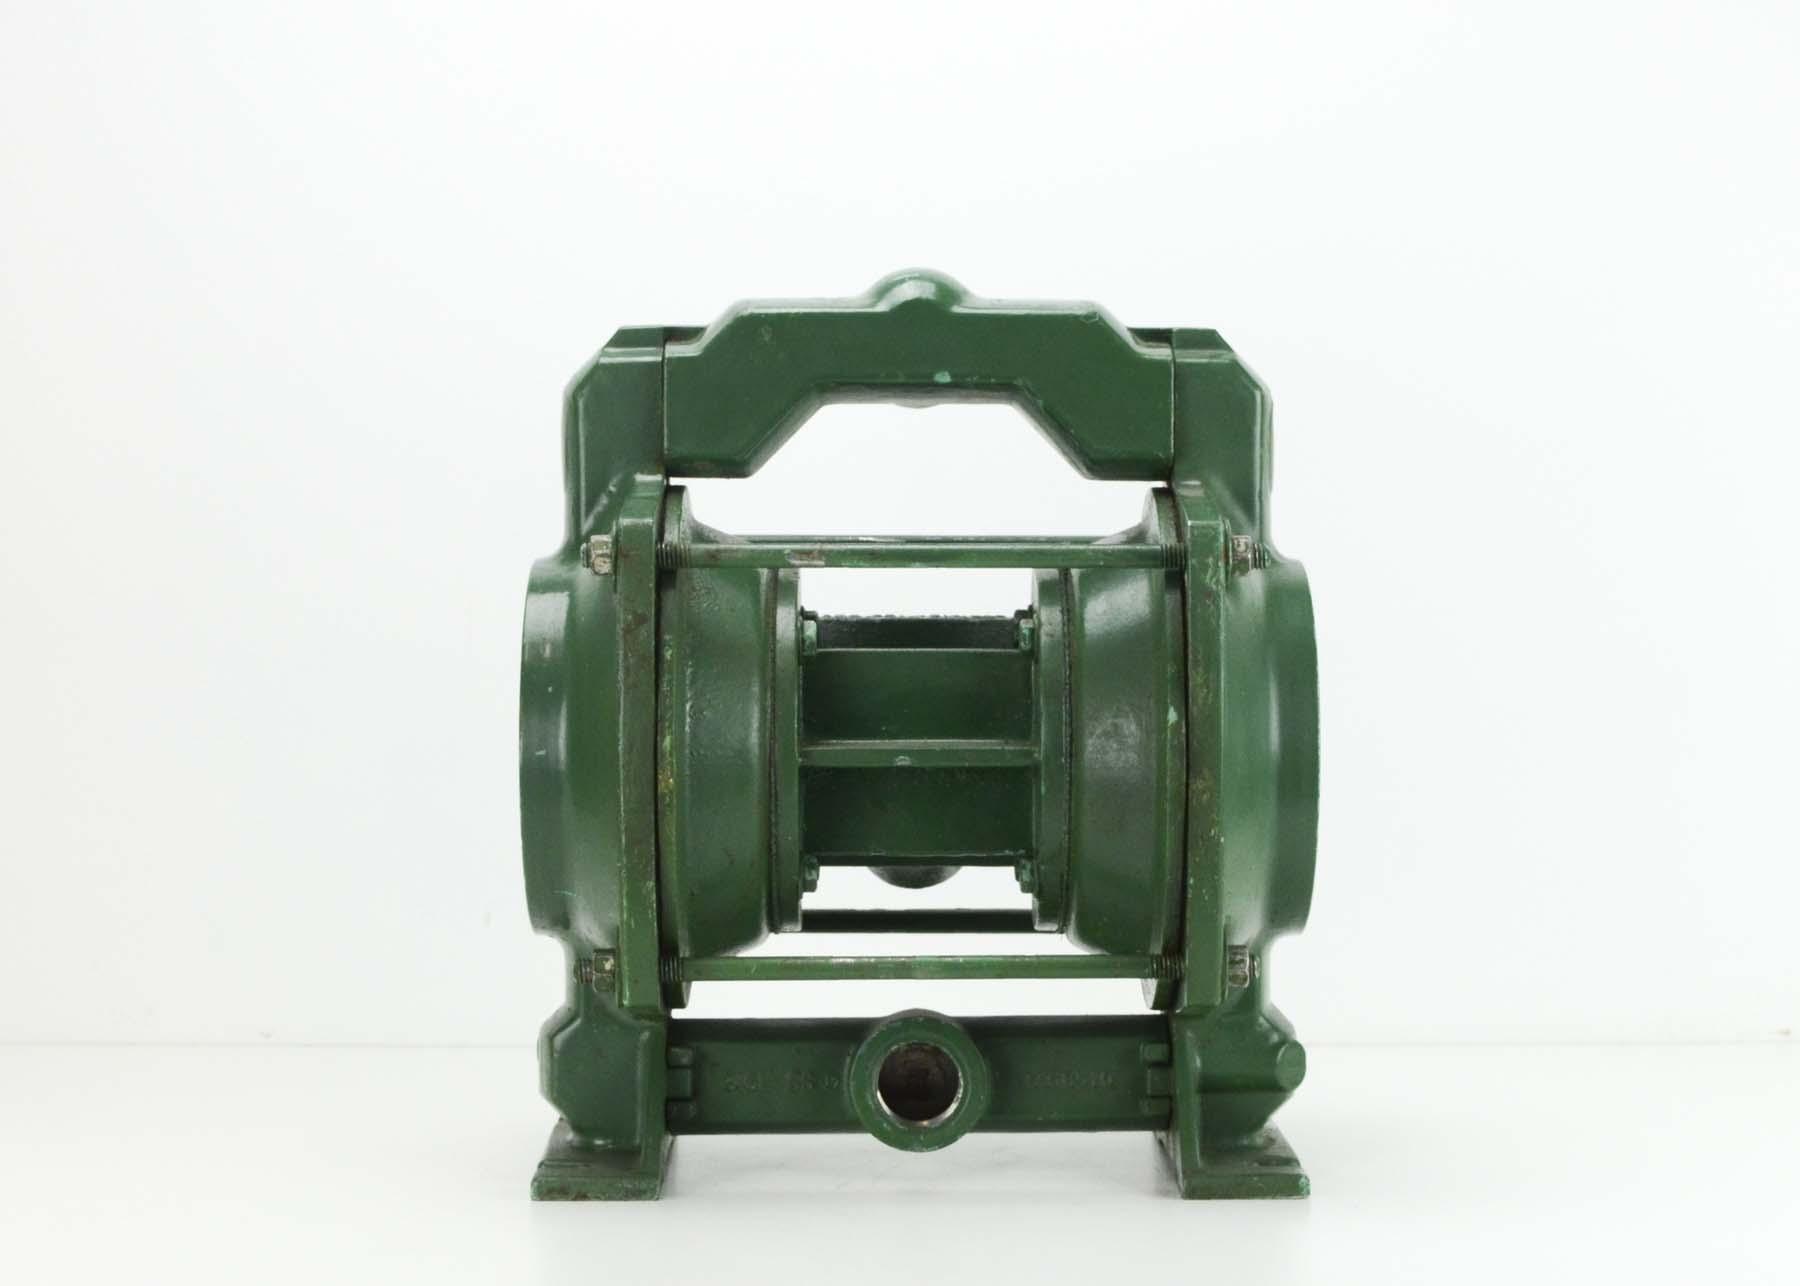 ITT Marlow 1 AOD-SNNN Pump